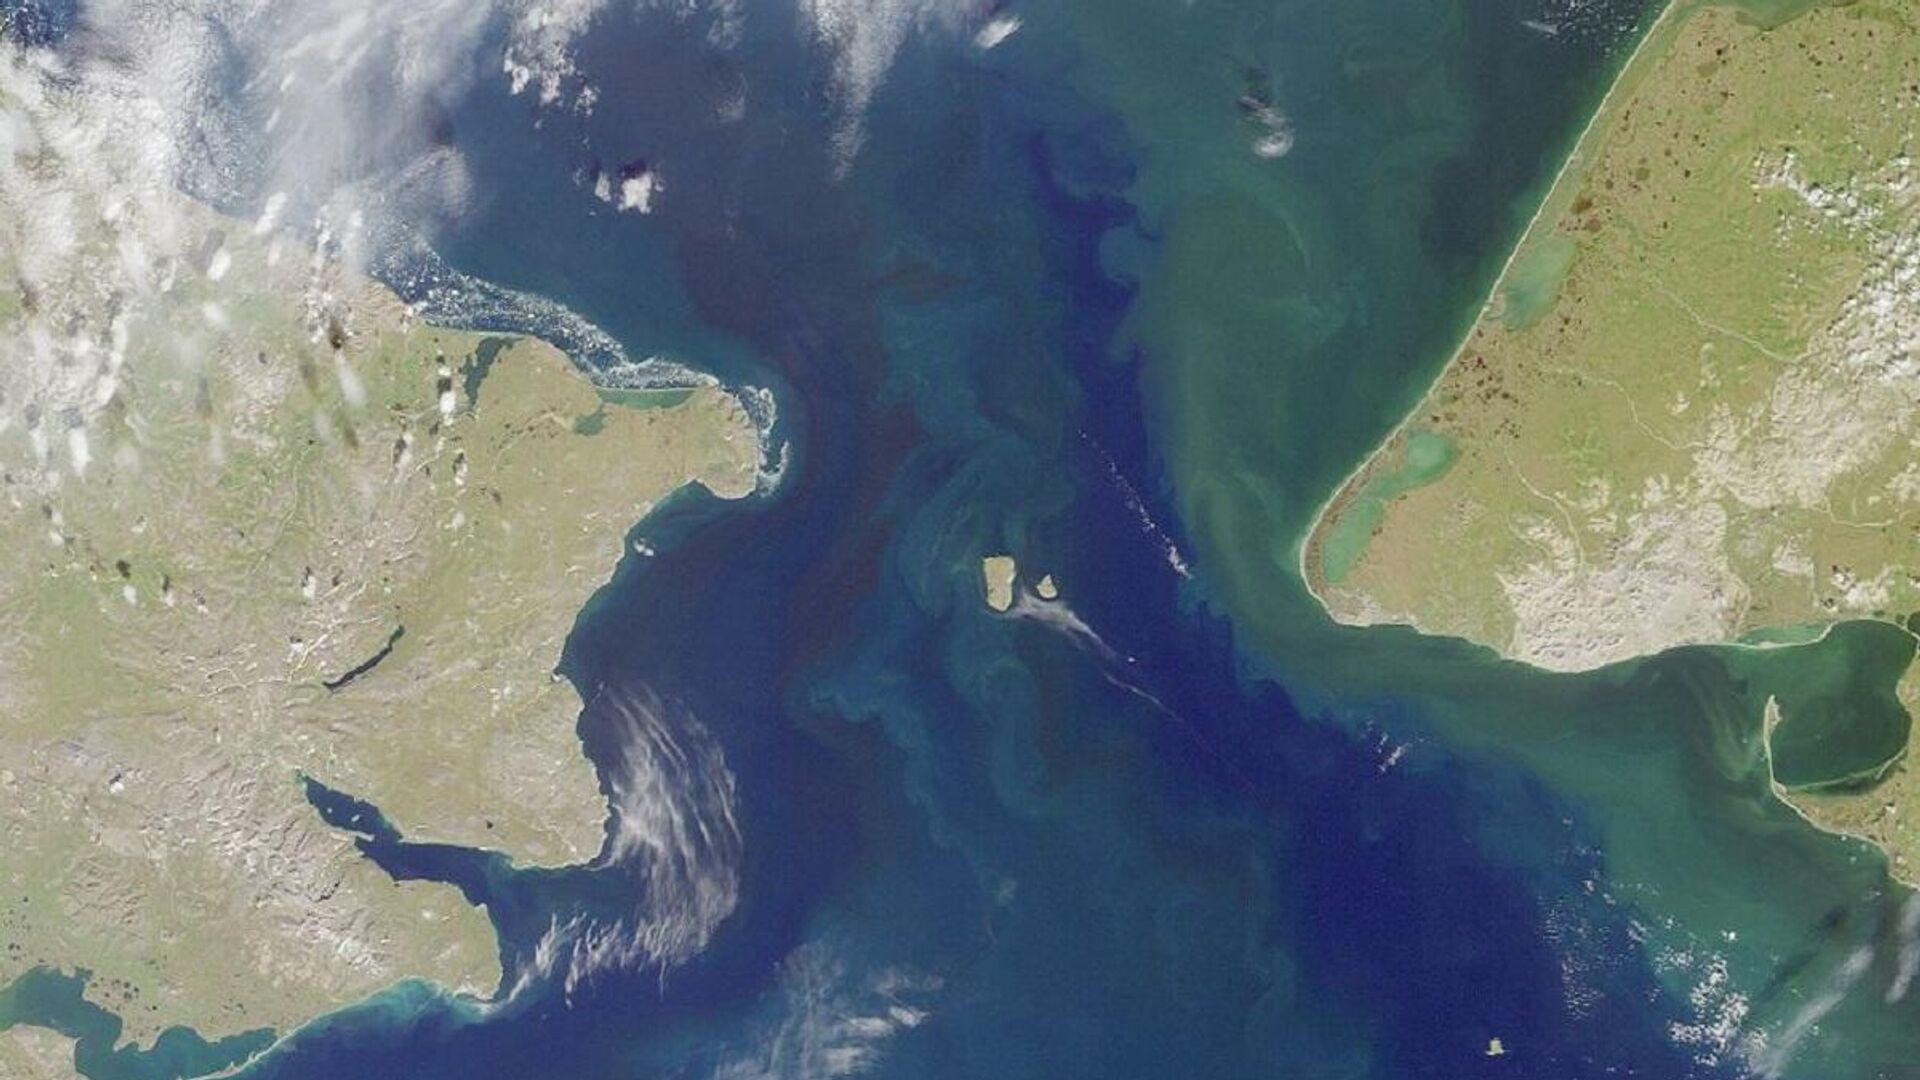 El estrecho de Bering que separa Siberia de Alaska en el Pacífico Norte - Sputnik Mundo, 1920, 10.03.2021